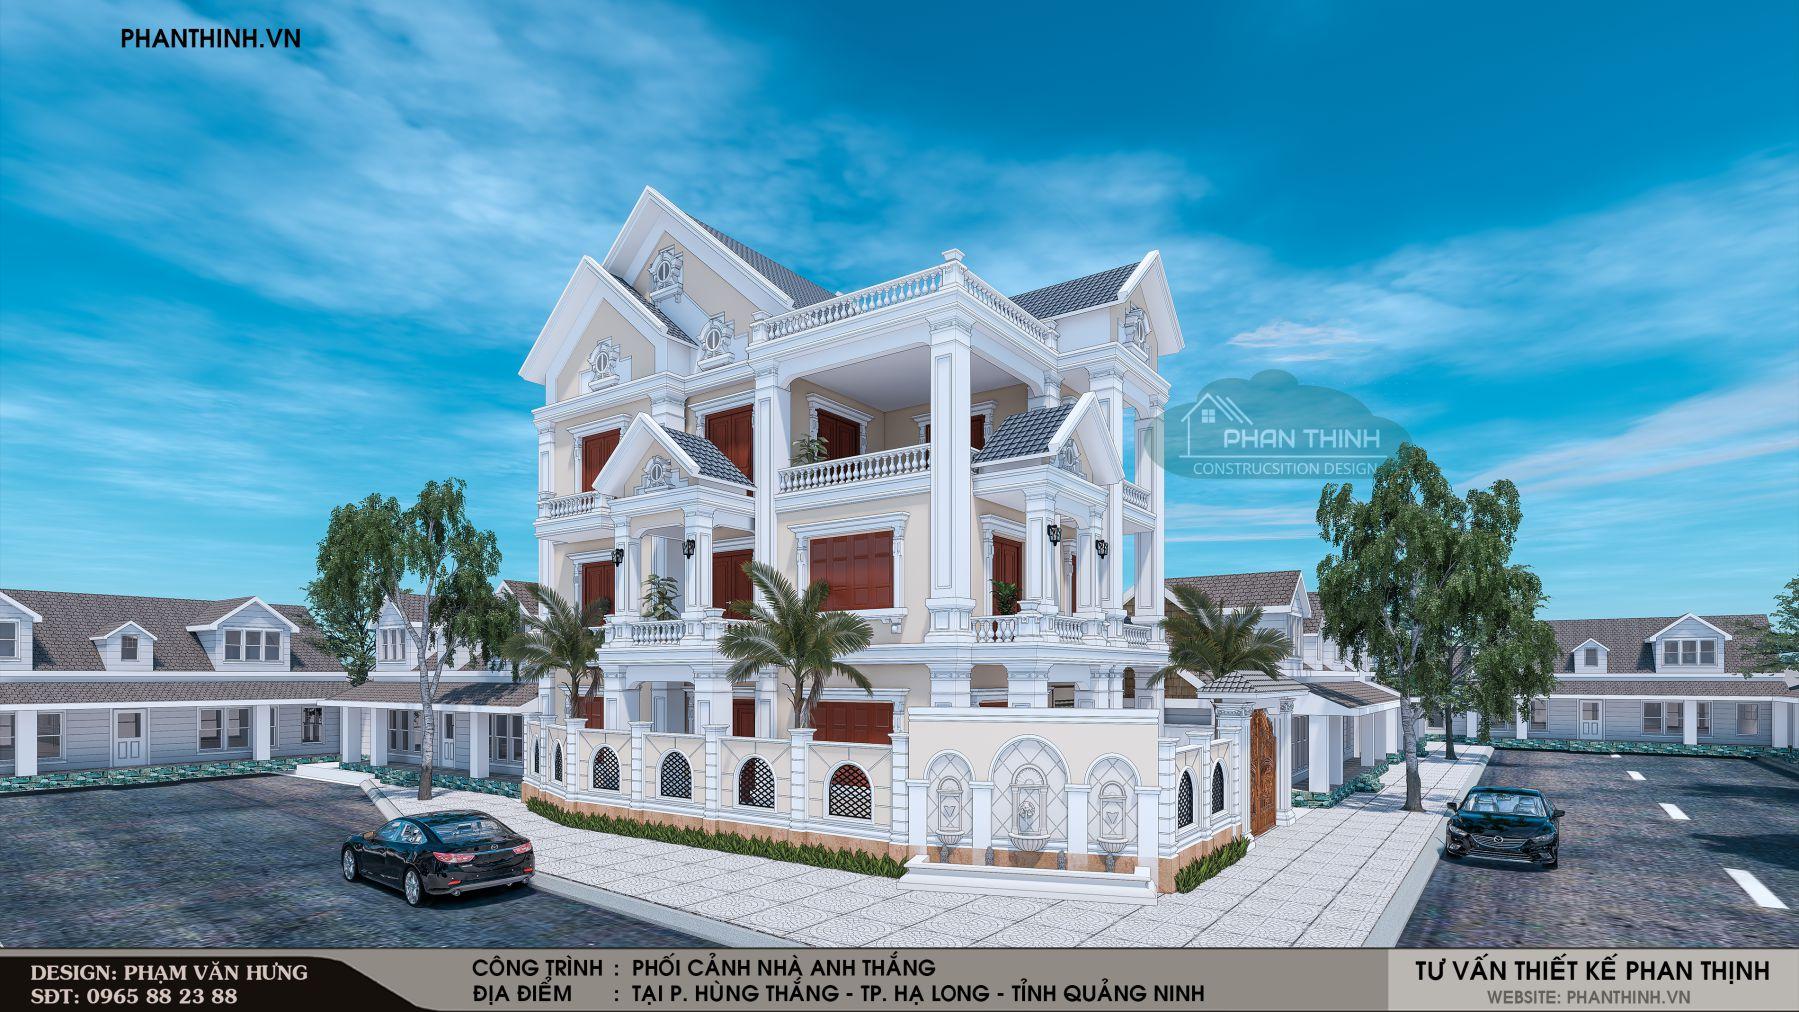 Nhà biệt thự 3 tầng mang kiến trúc tân cổ điển tại Quảng Ninh